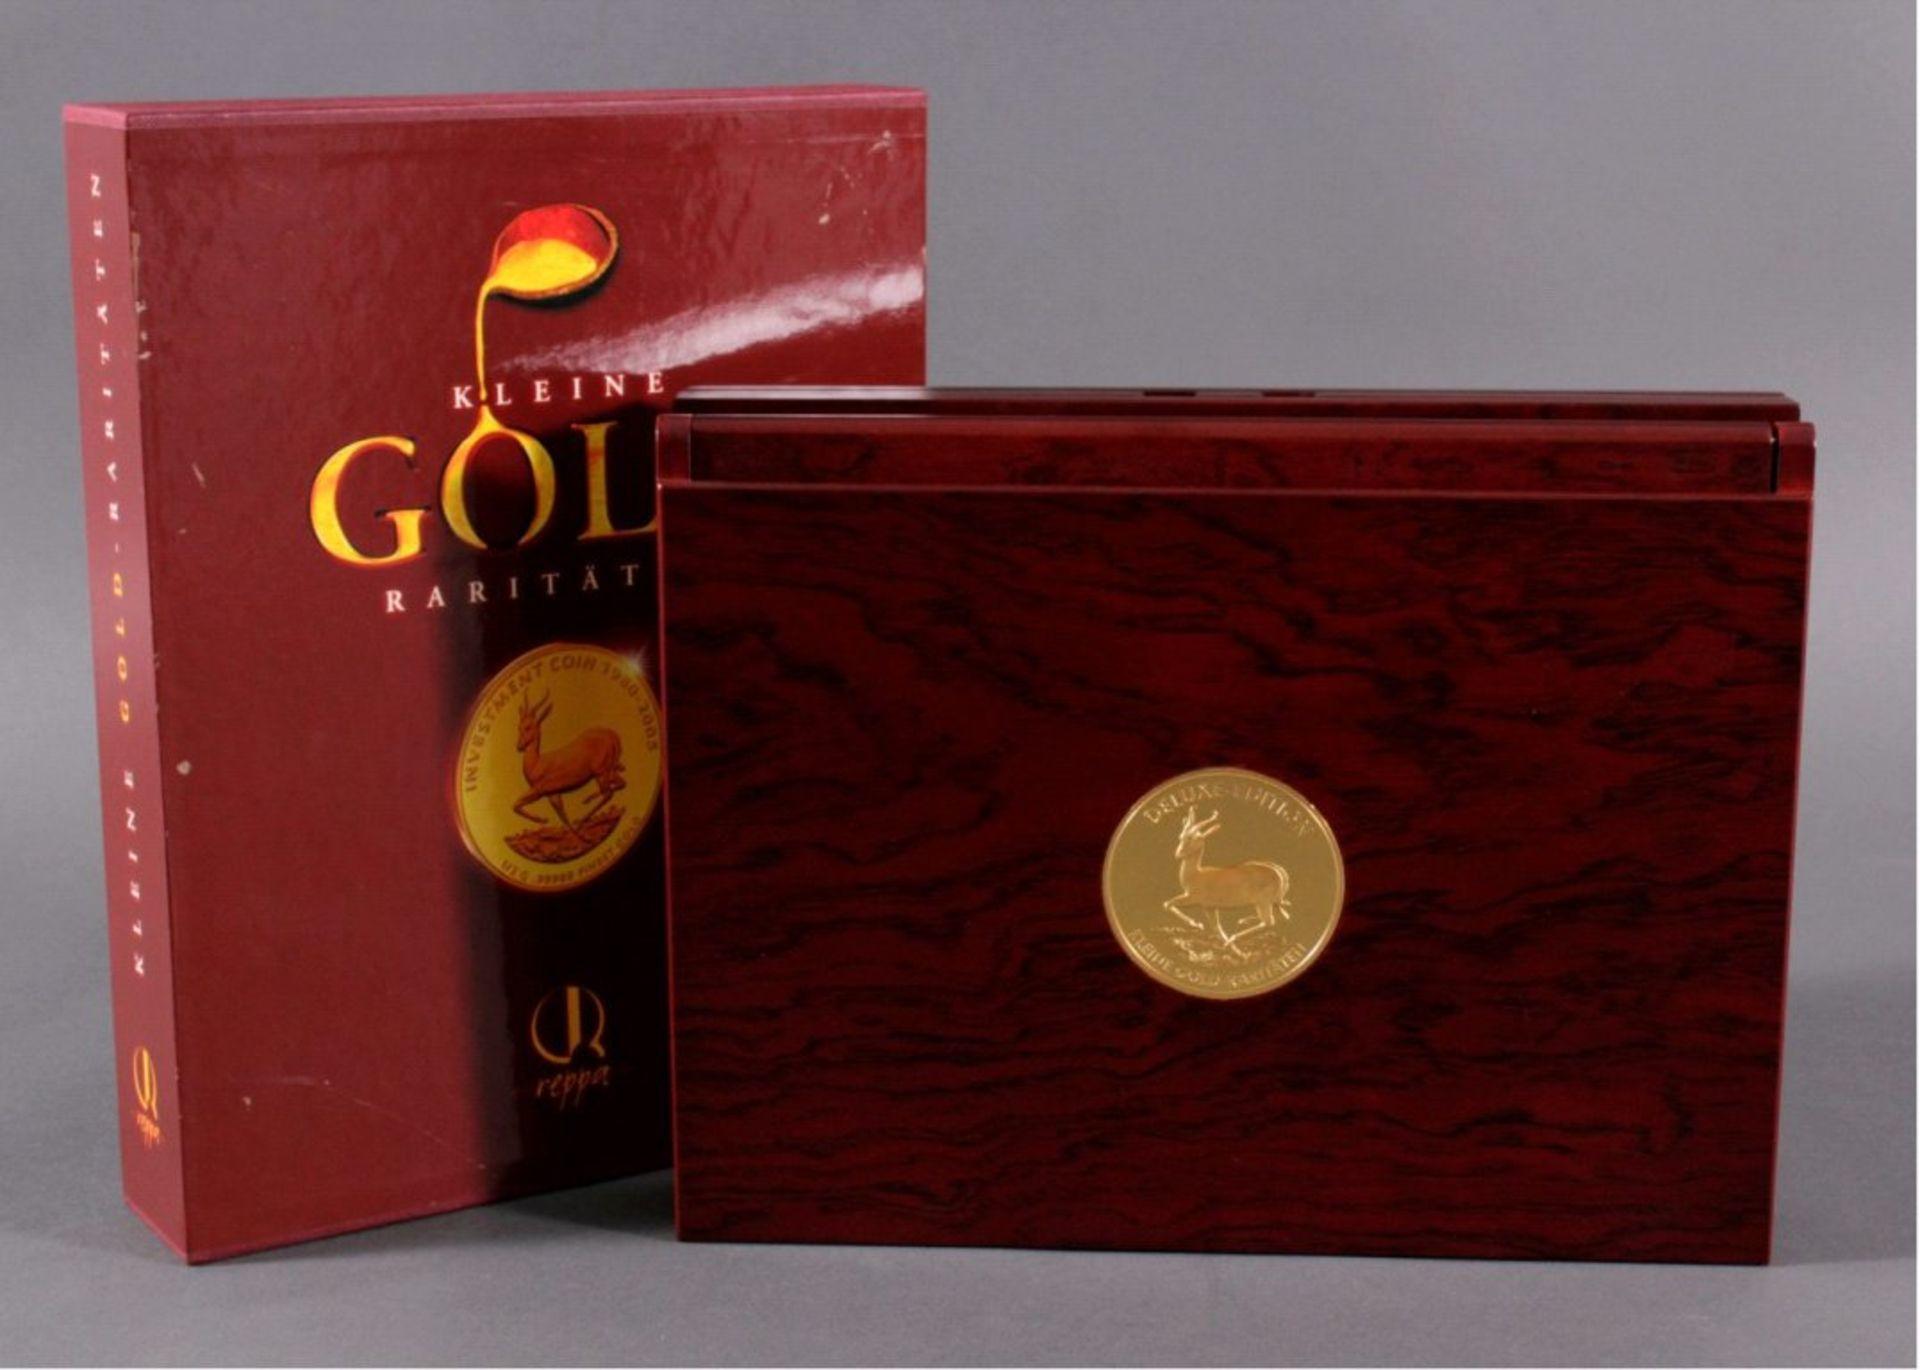 4x Die kleinen GoldraritätenInsgesamt 2 g Feingold, 3x 25 Jahre Investment Coin mitZertifikat und - Bild 3 aus 3